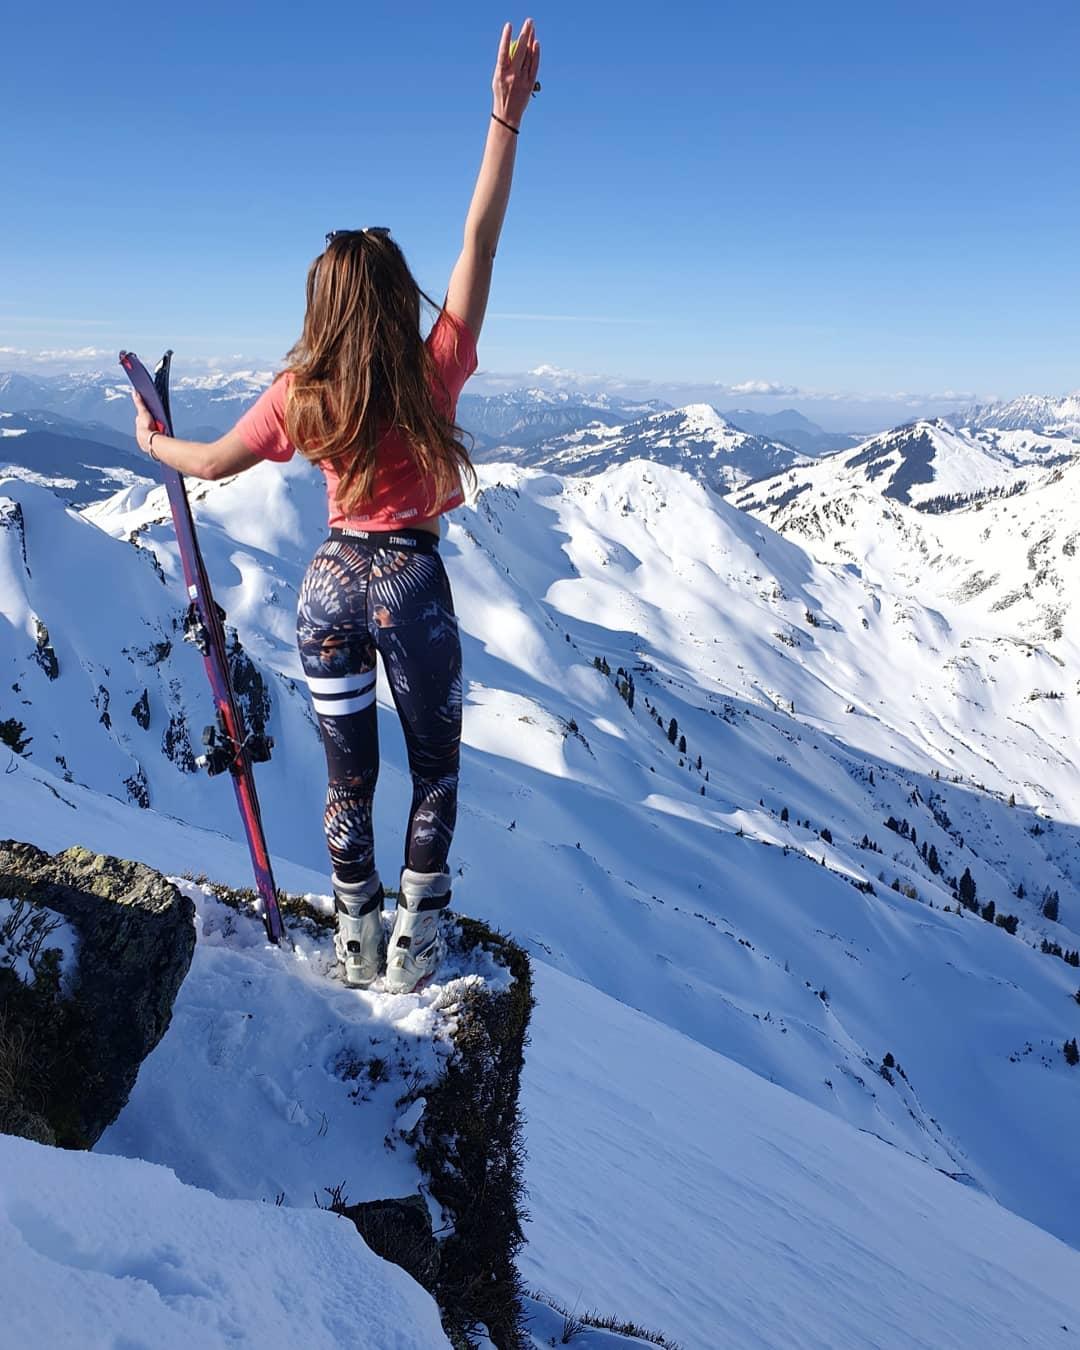 Kitzbuher wisata musim salju eropa